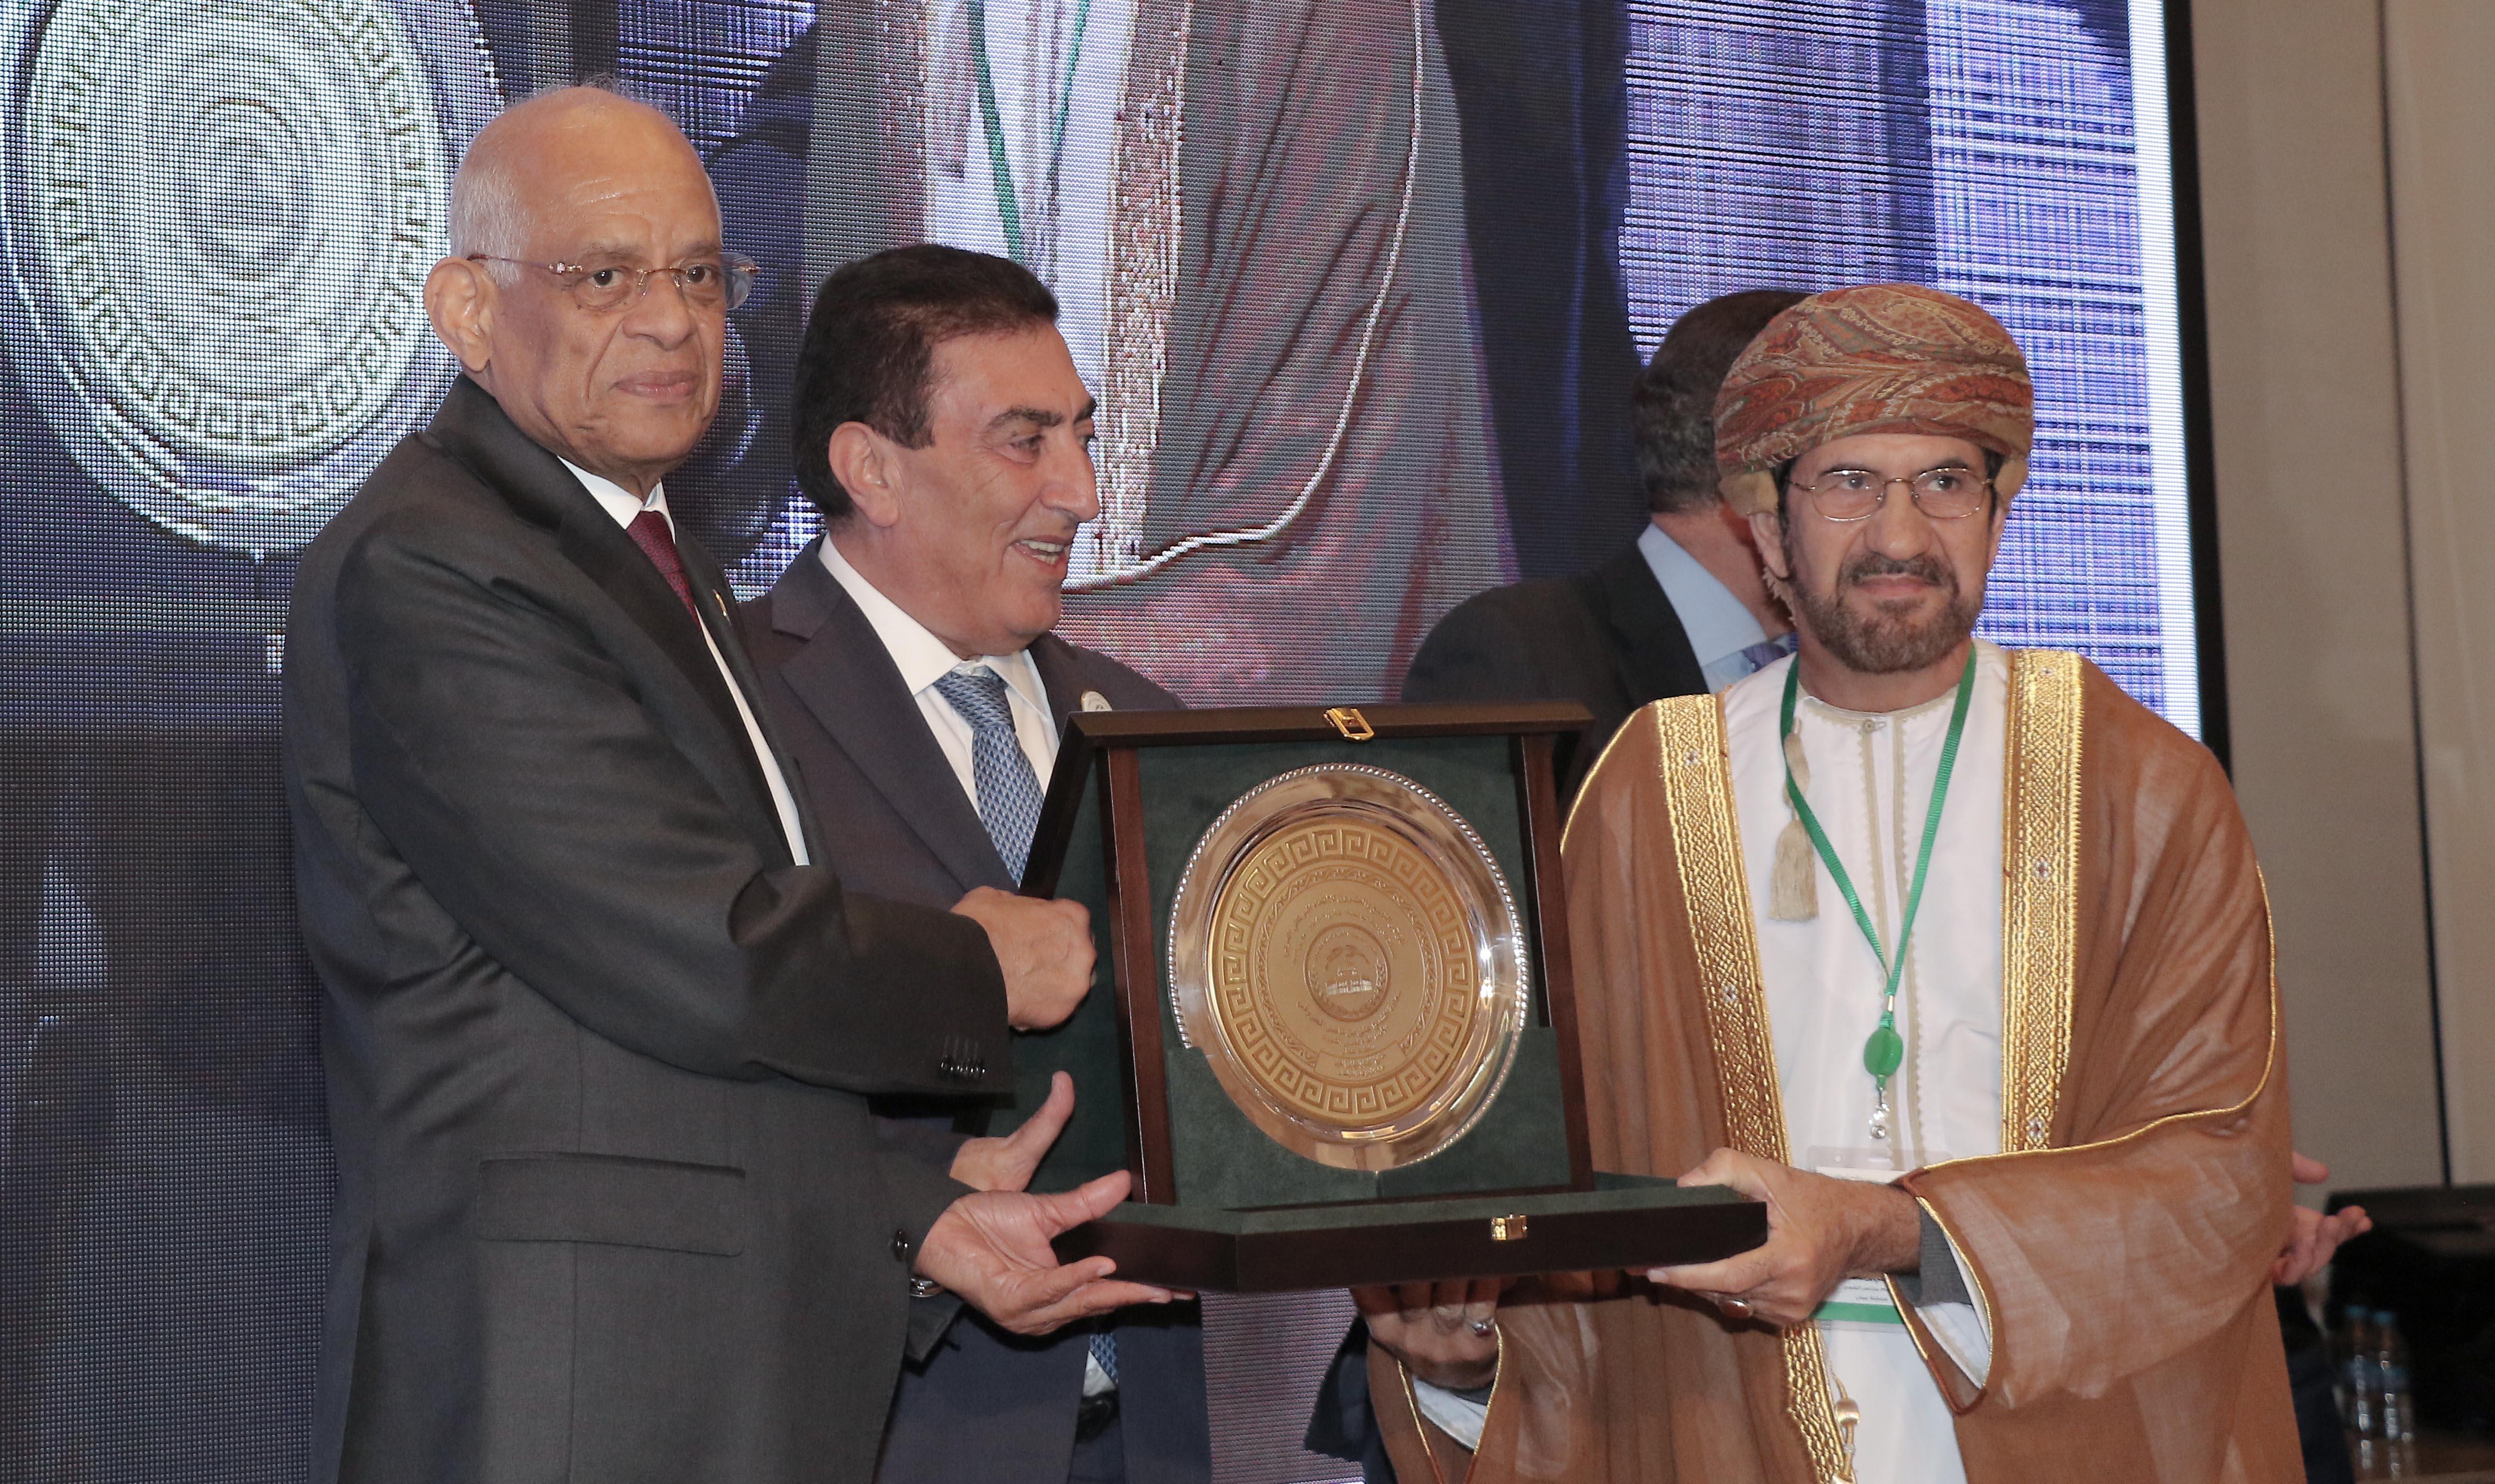 الاتحاد البرلماني العربي يمنح أمين عام مجلس الشورى جائزة التميز البرلماني العربي